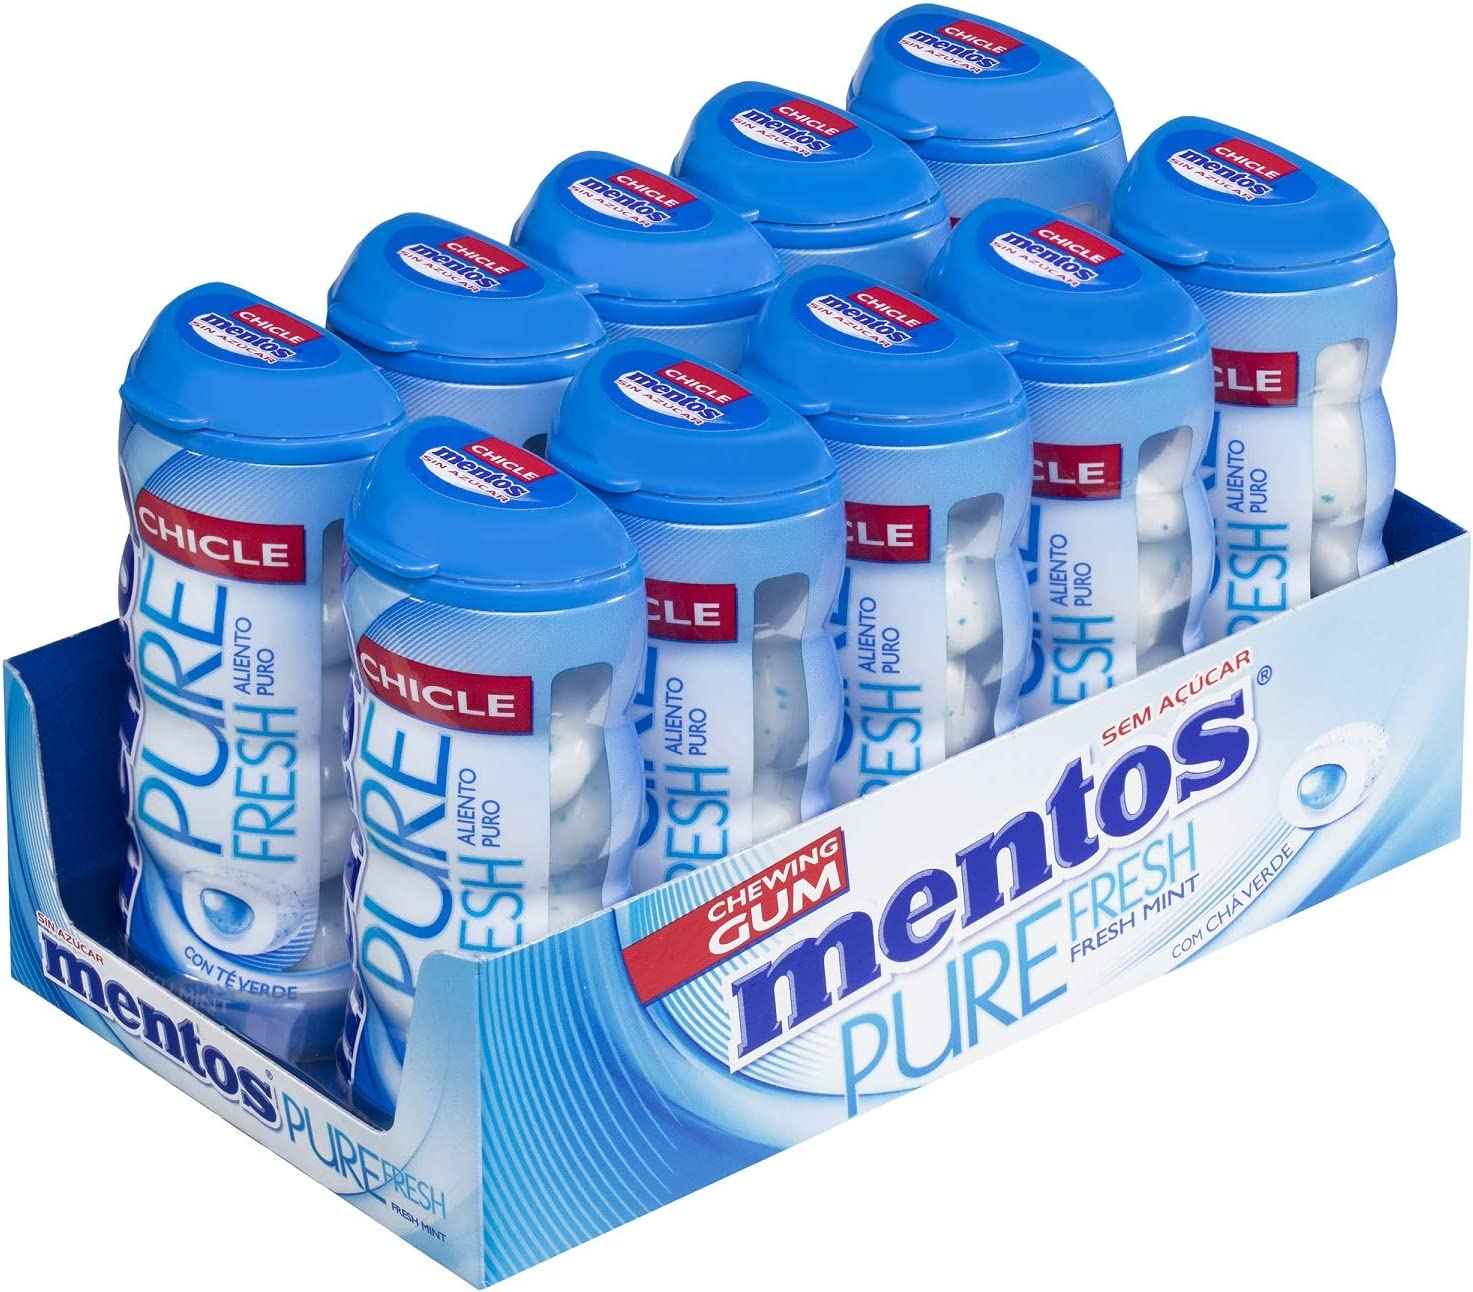 Mentos Chicle Menta, Sin Azúcar - 10 unidades de 30 gr. (Total 300 gr.): Amazon.es: Alimentación y bebidas